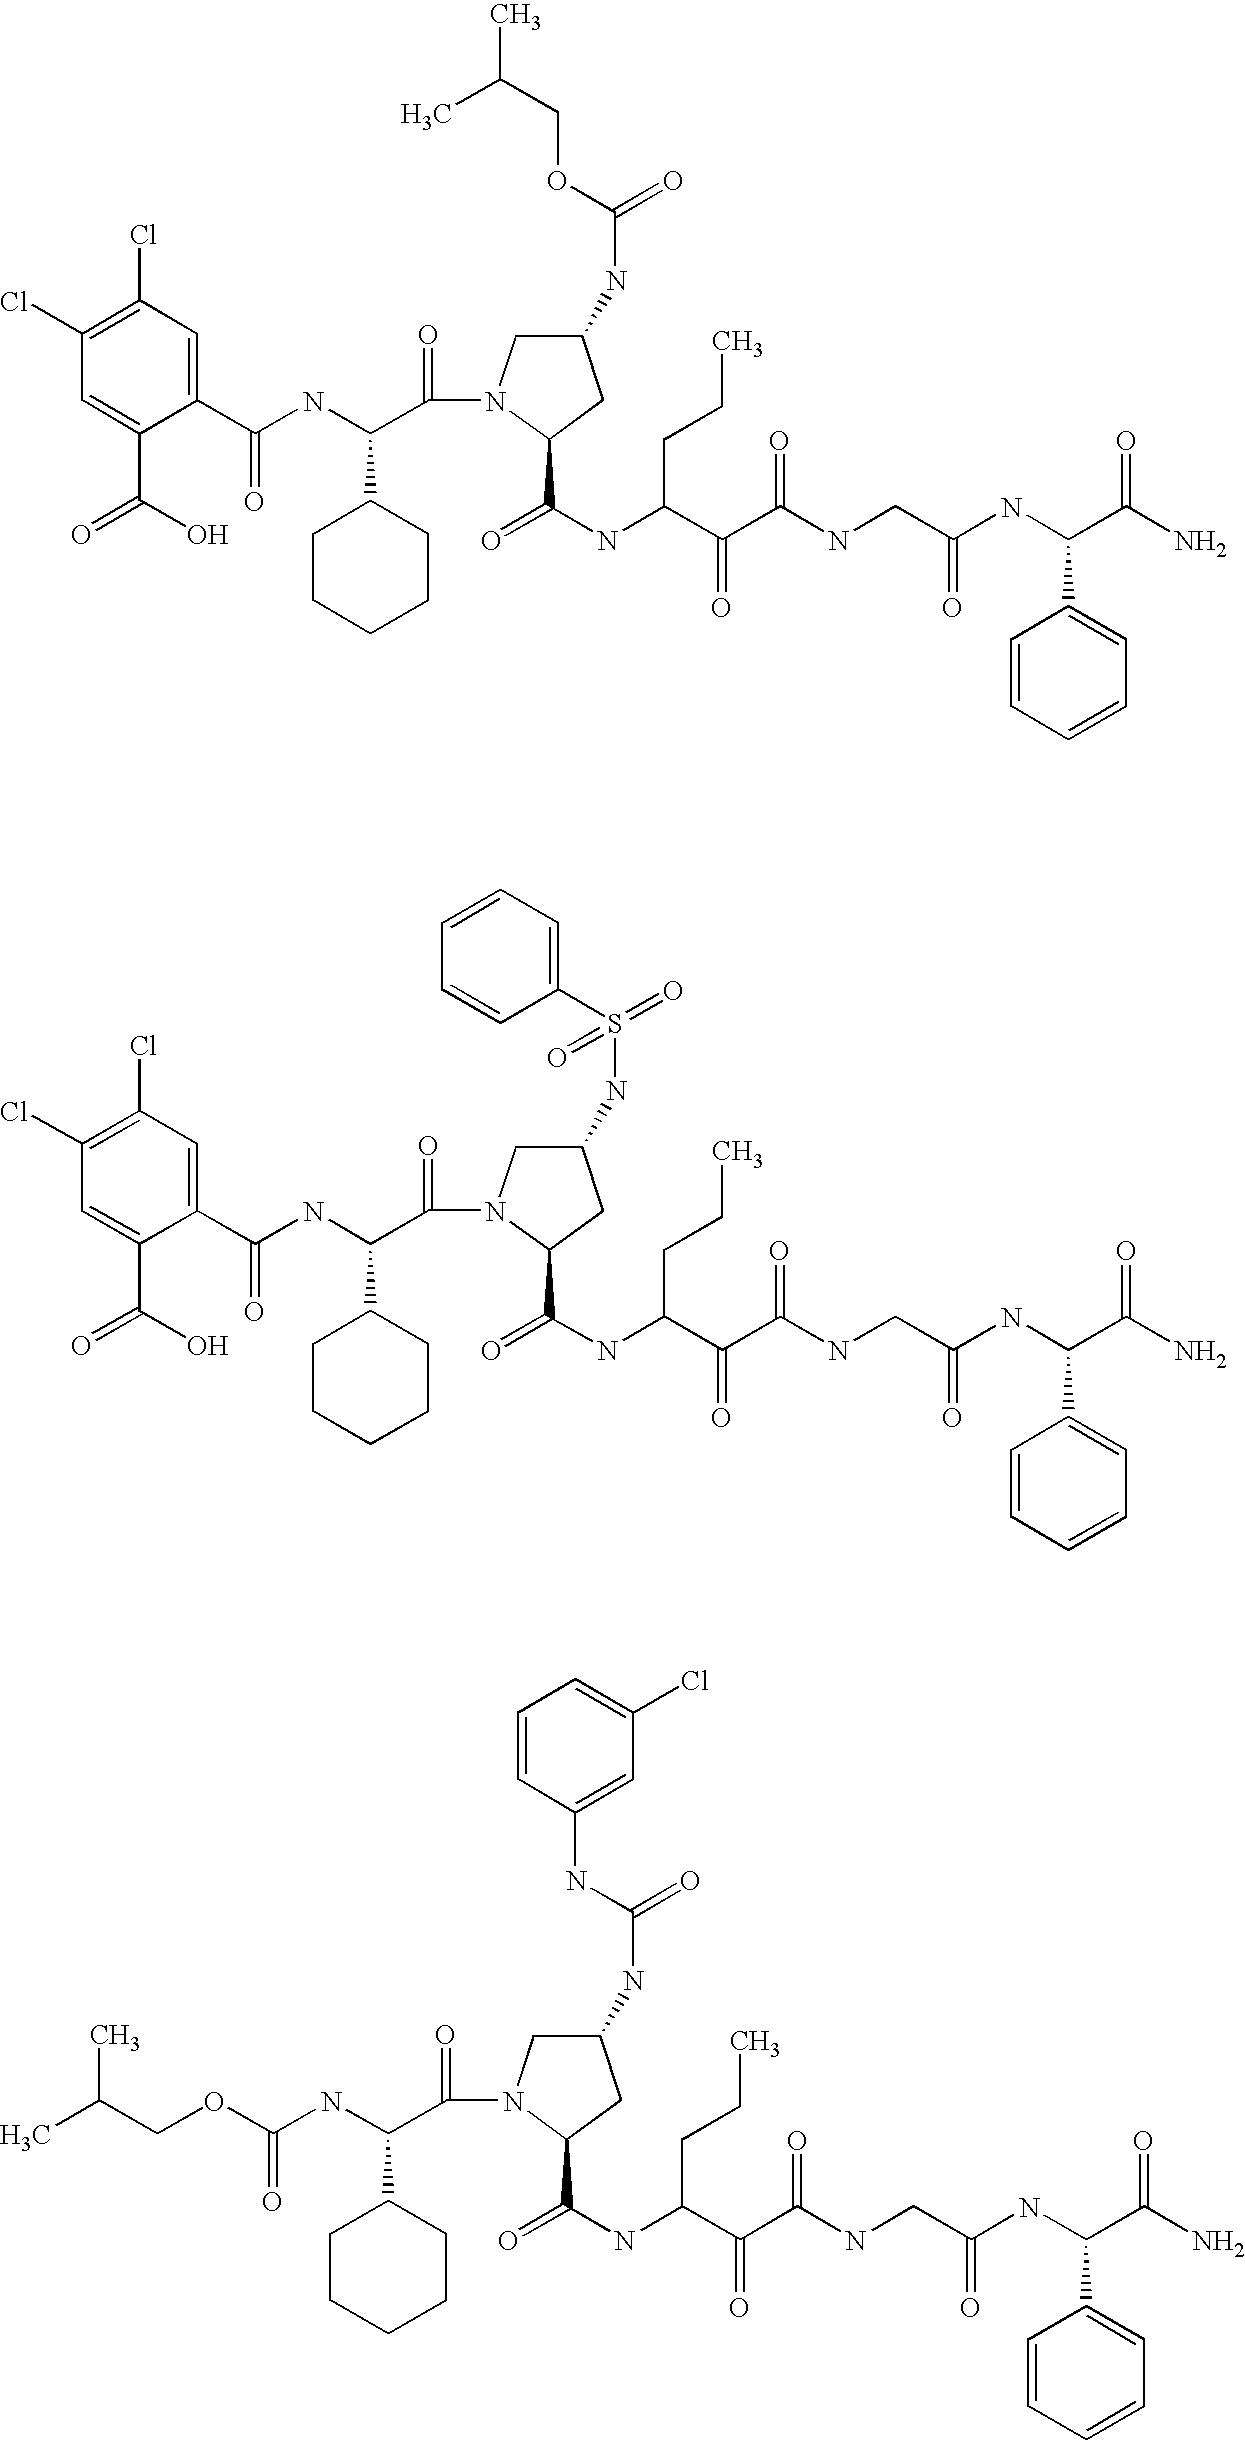 Figure US20060287248A1-20061221-C00135